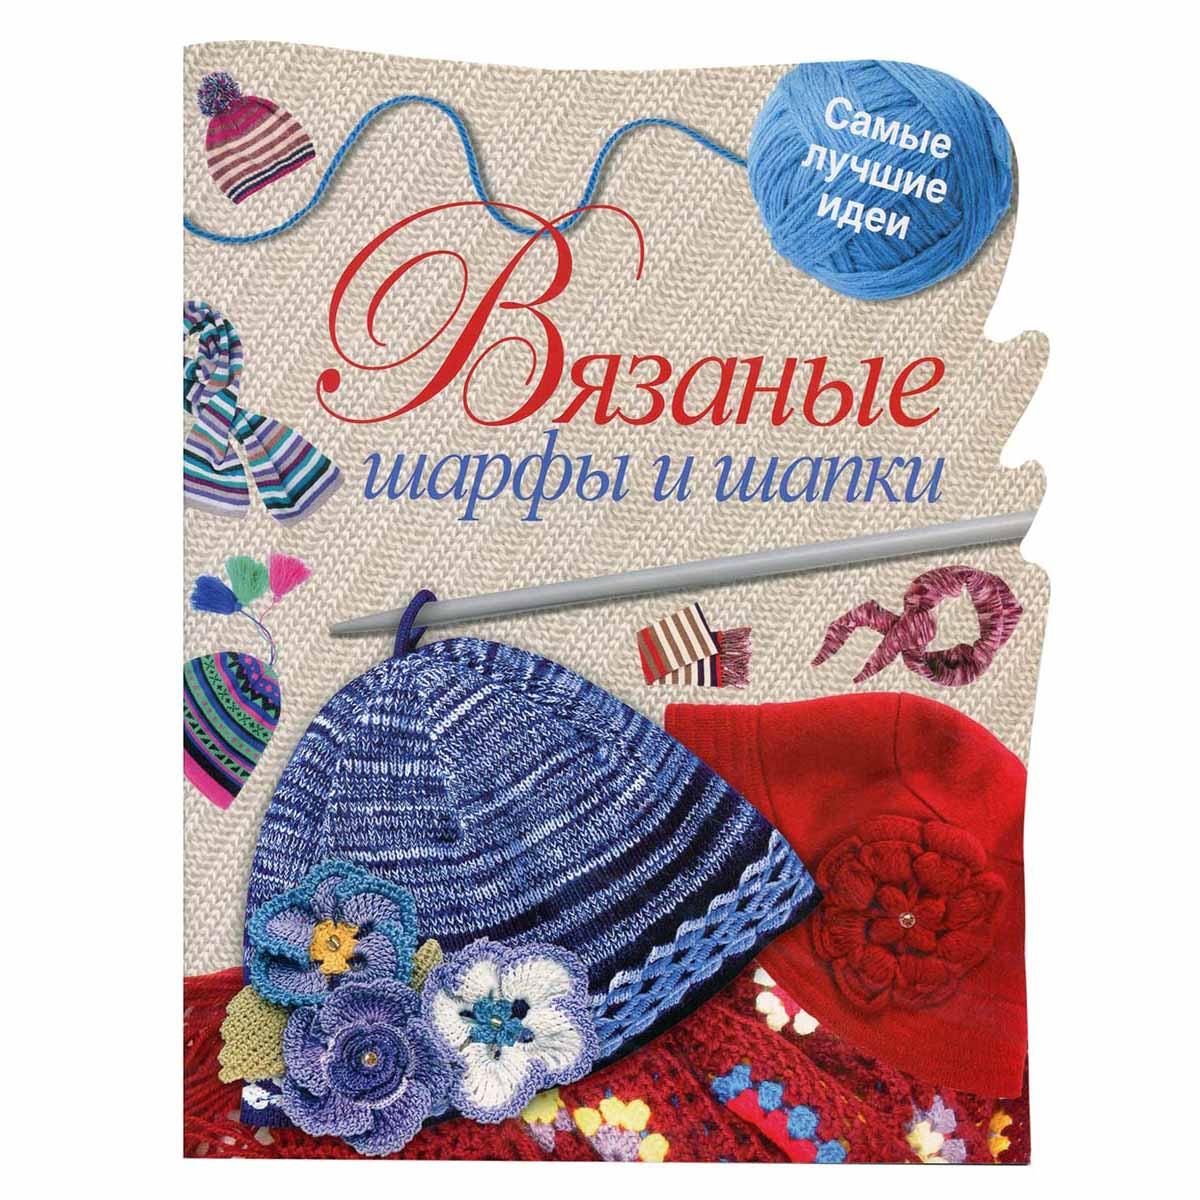 Книга. Вязаные шарфы и шапки. С.Жук